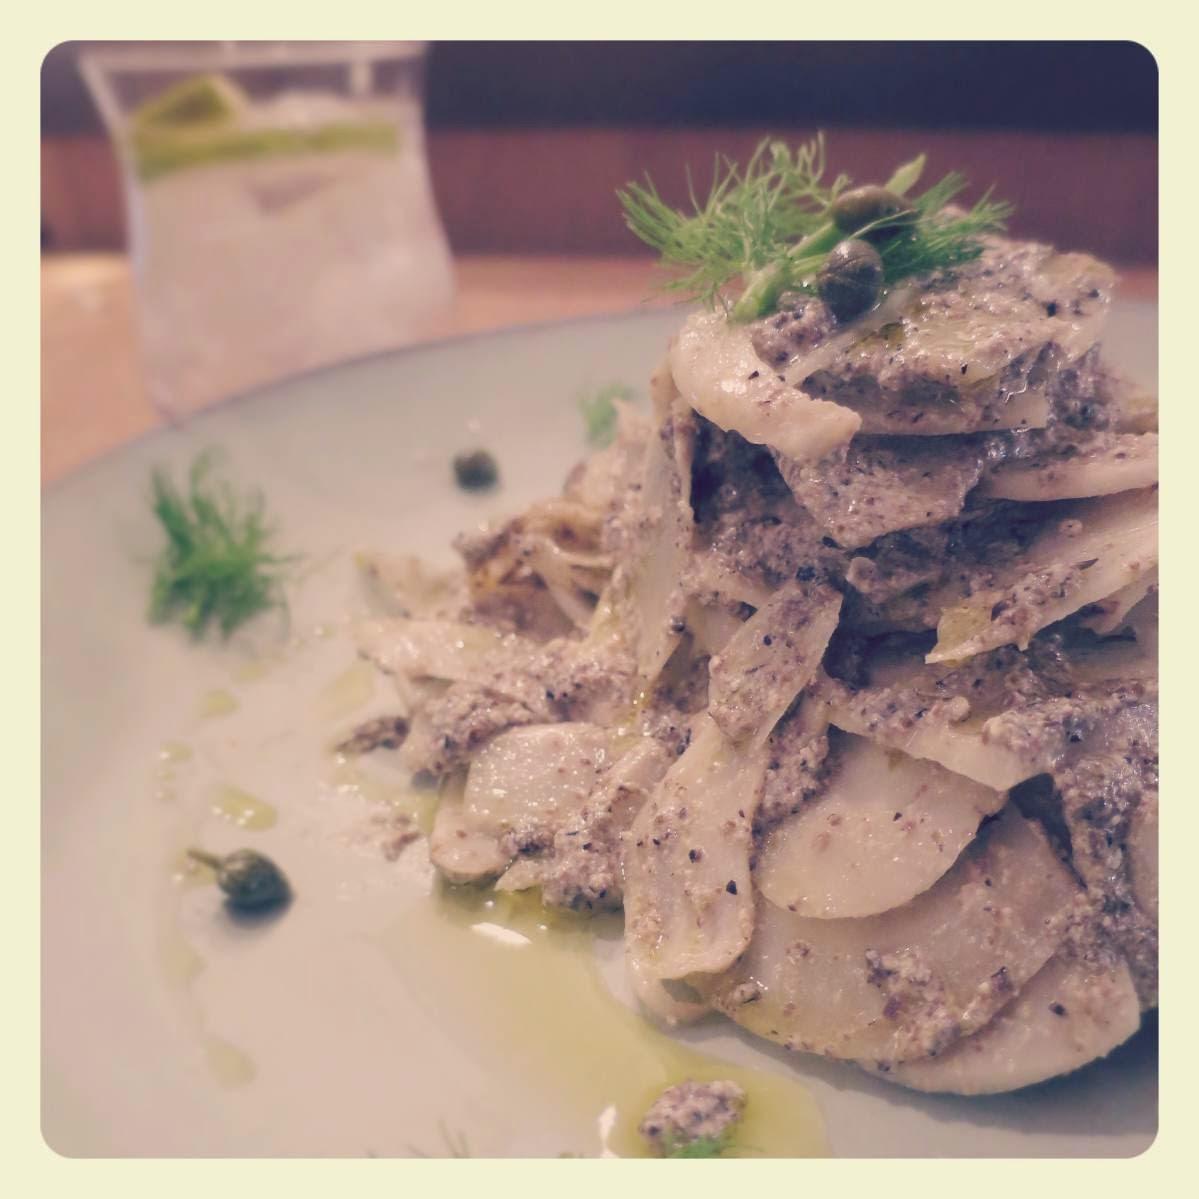 carpaccio di carciofi con olive nere, capperi e tofu